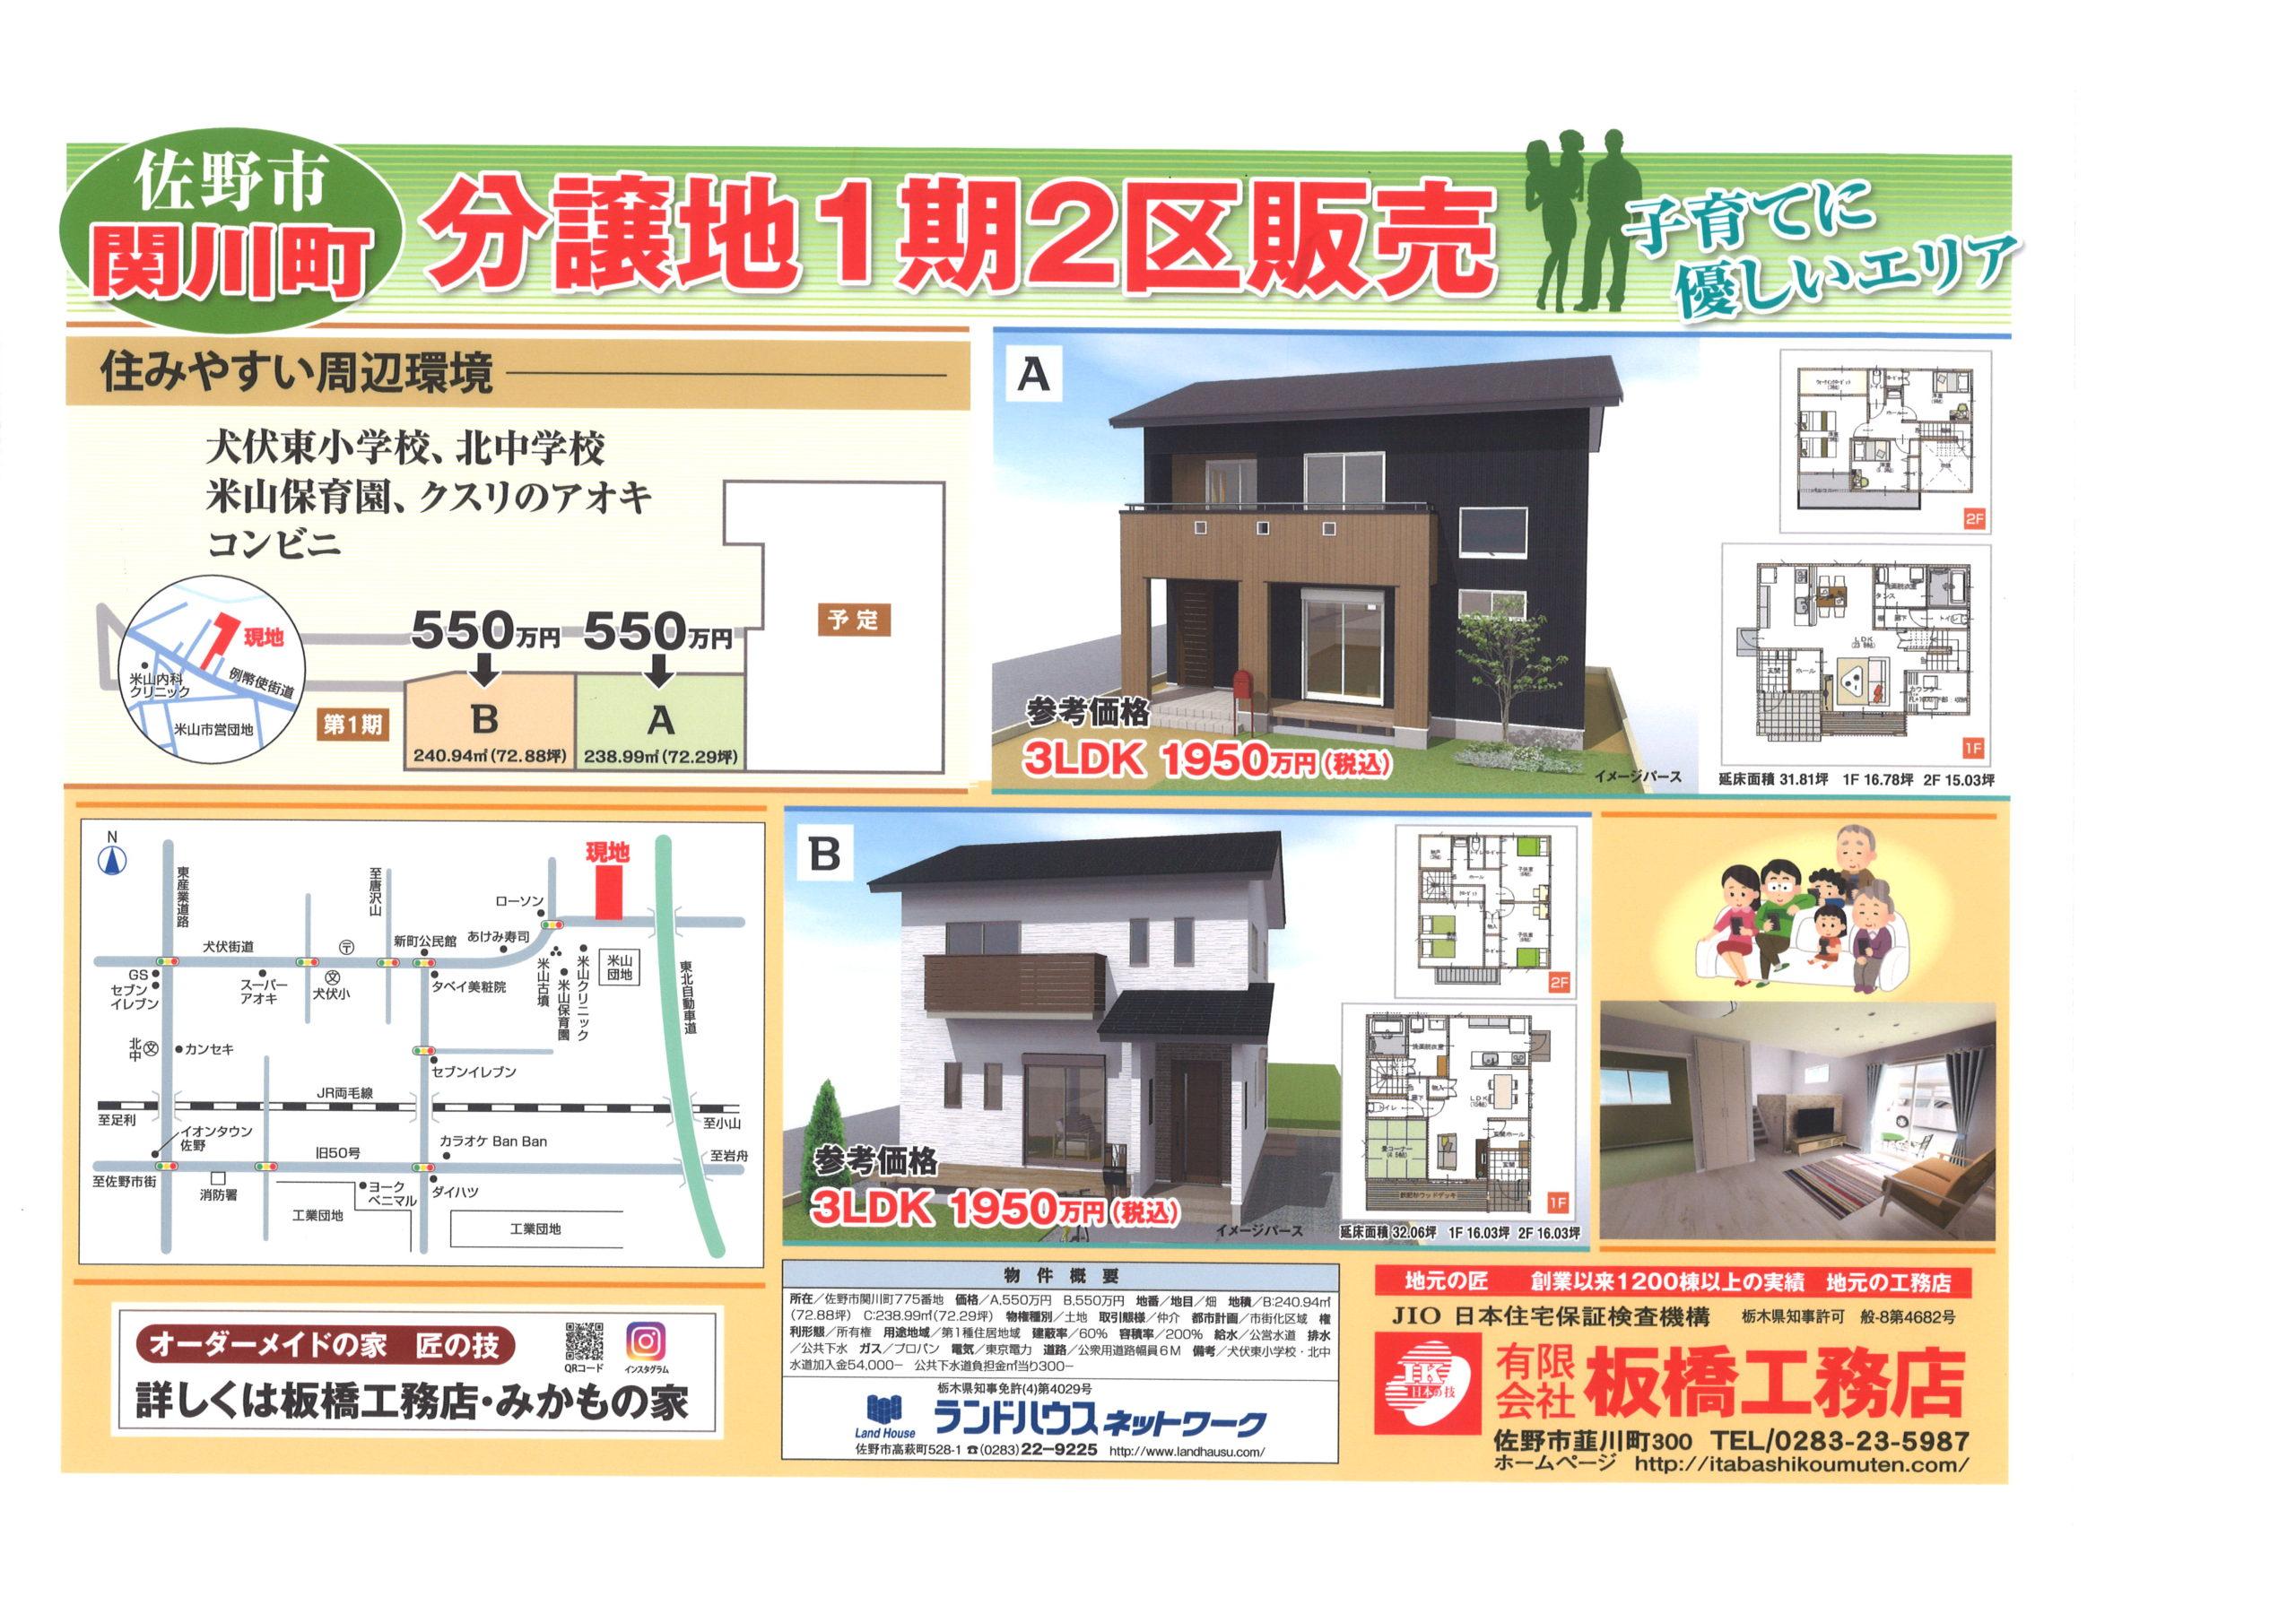 佐野市関川町分譲地1期2区販売開始!